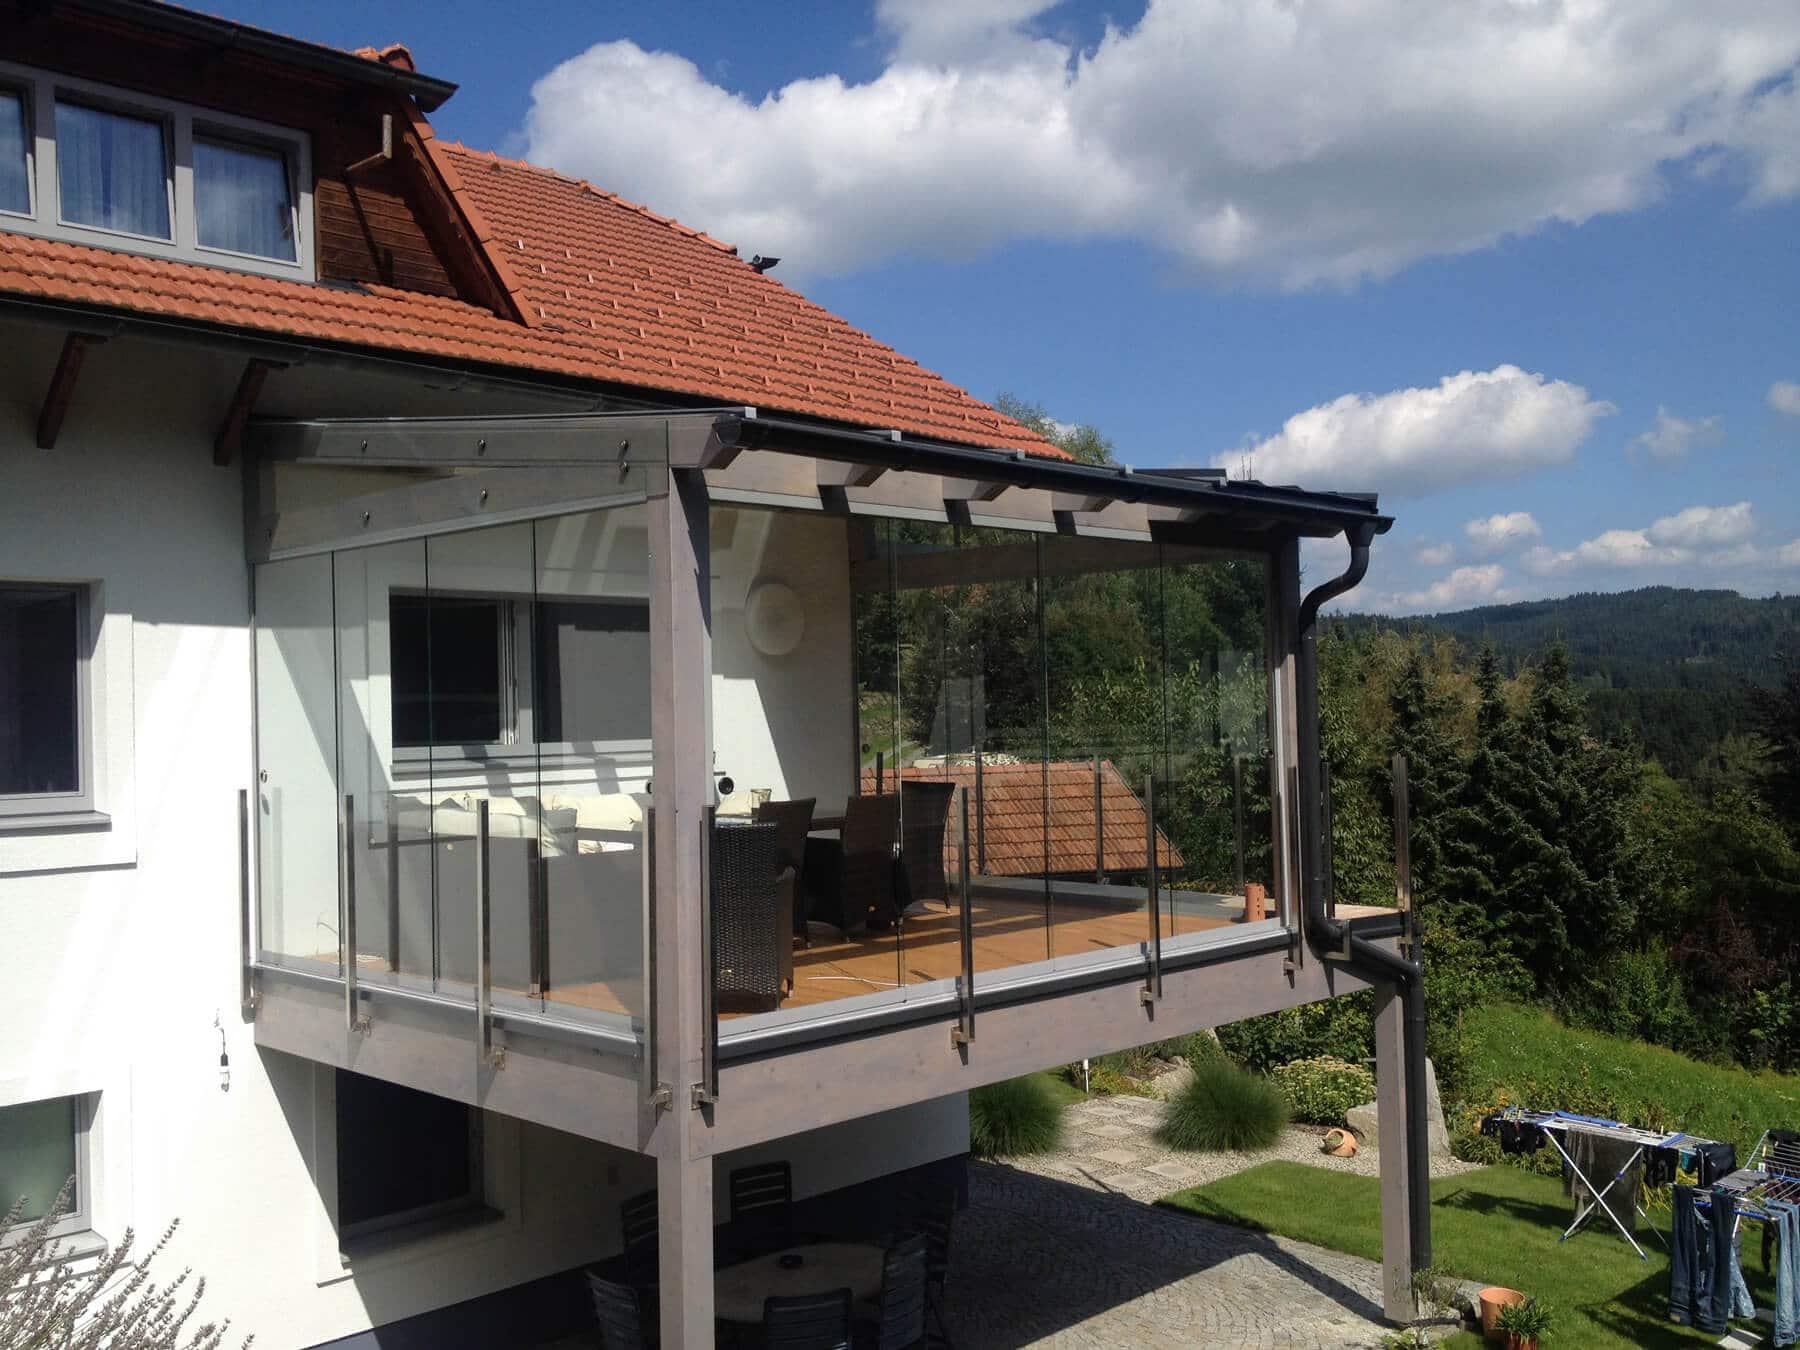 Sommergarten auf Terrasse